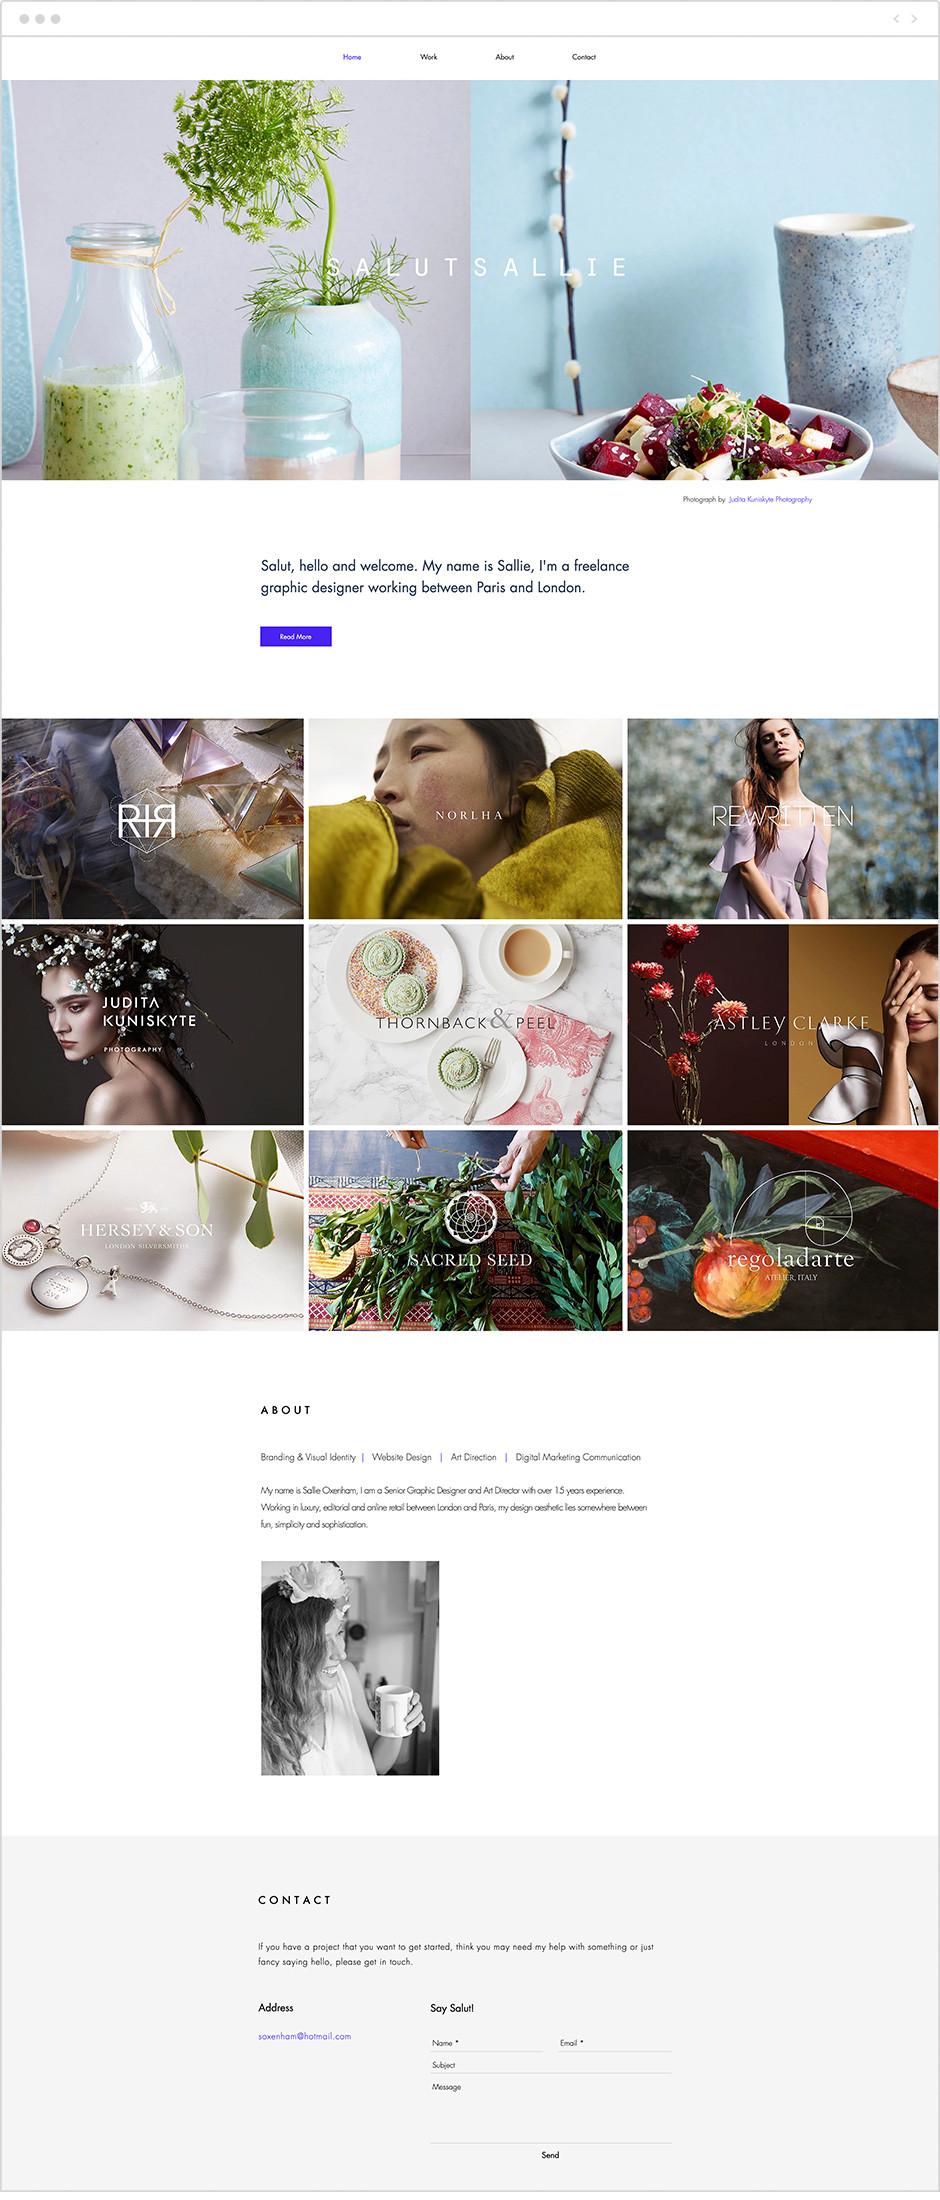 Exemple portfolio - Salut Sallie